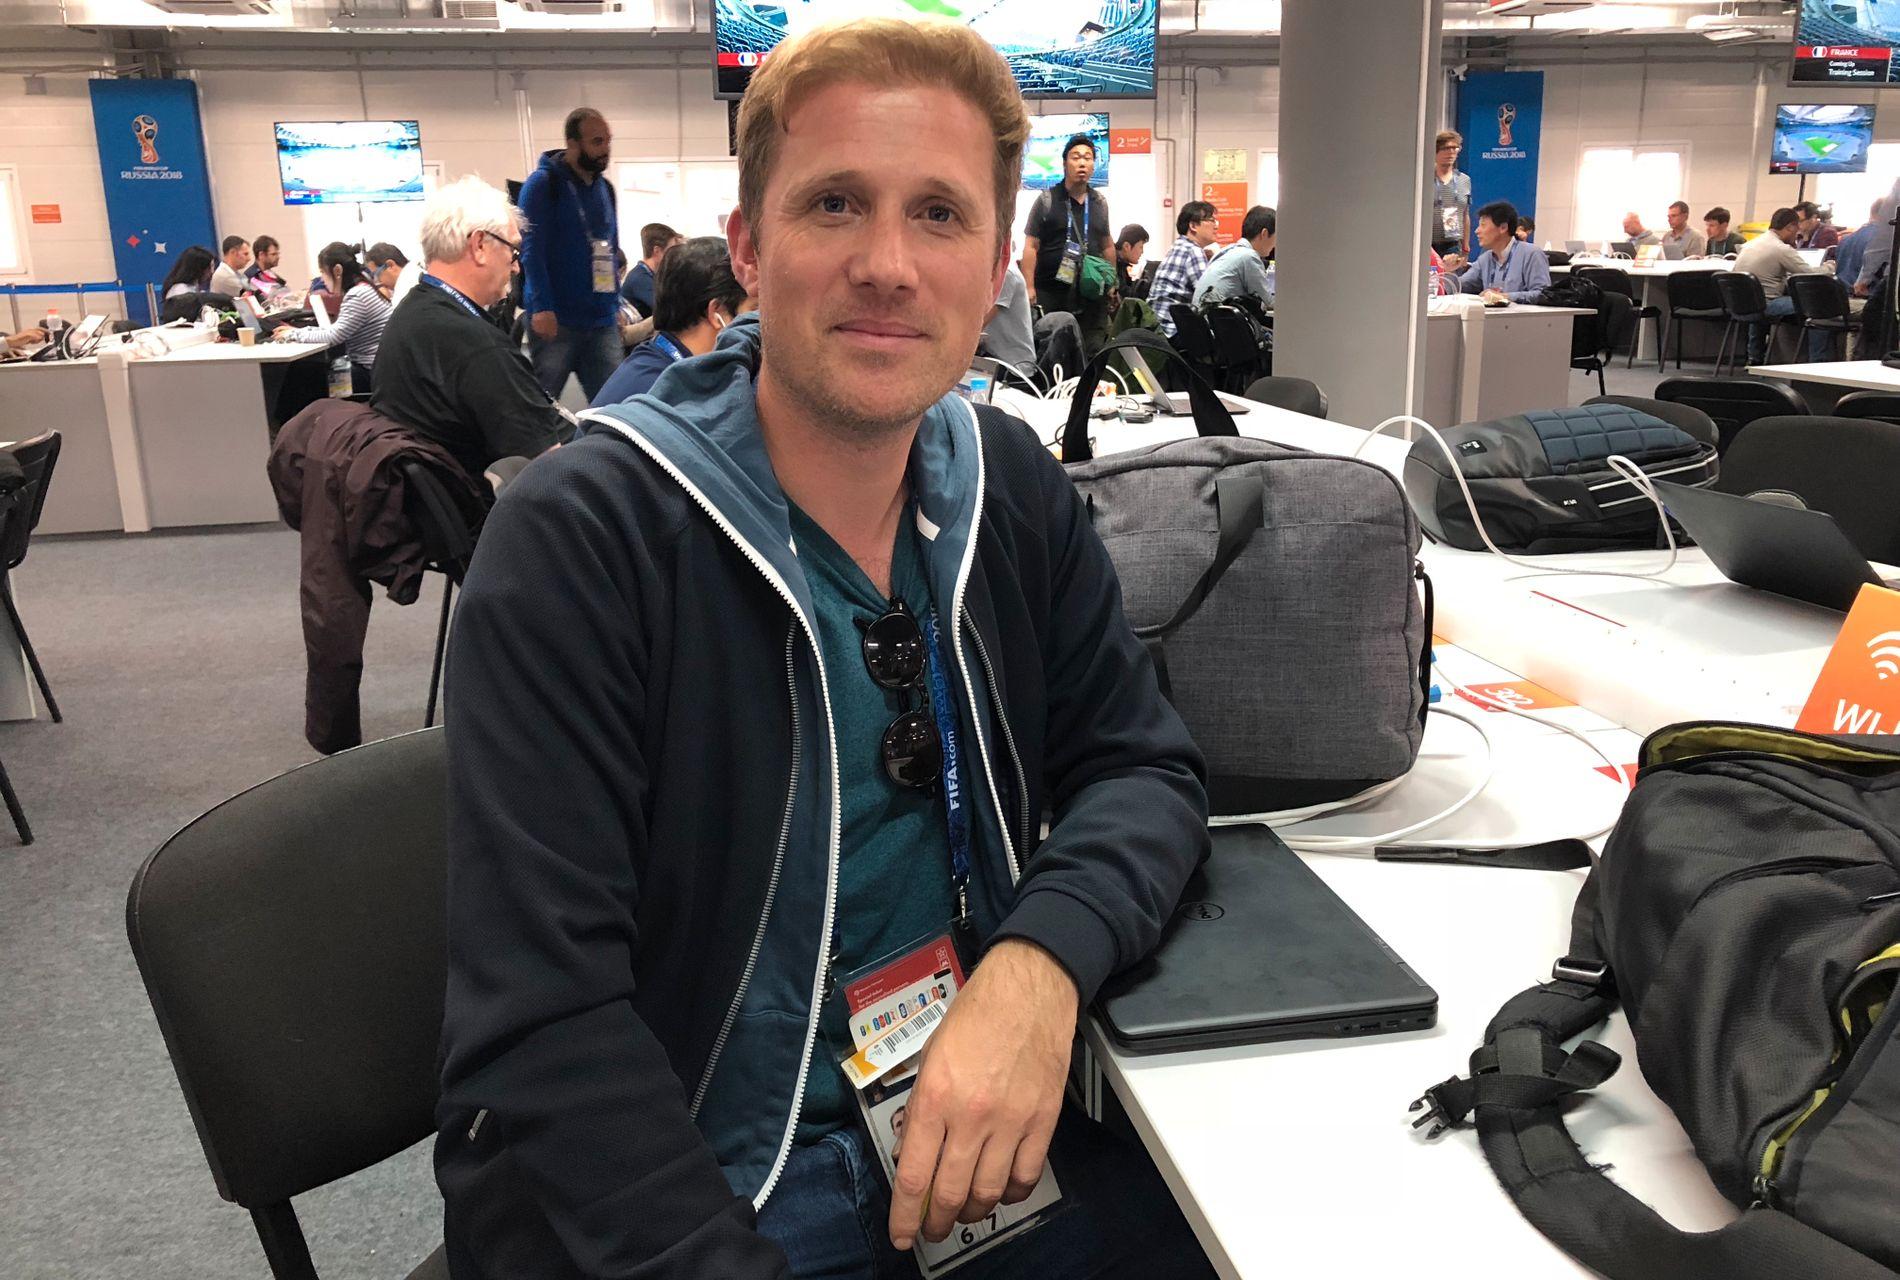 PLAGER DESCHAMPS: L'Équipe-journalist Vincent Garcia bruker mye tid på å prøve å avsløre Frankrikes startoppstillinger i VM.